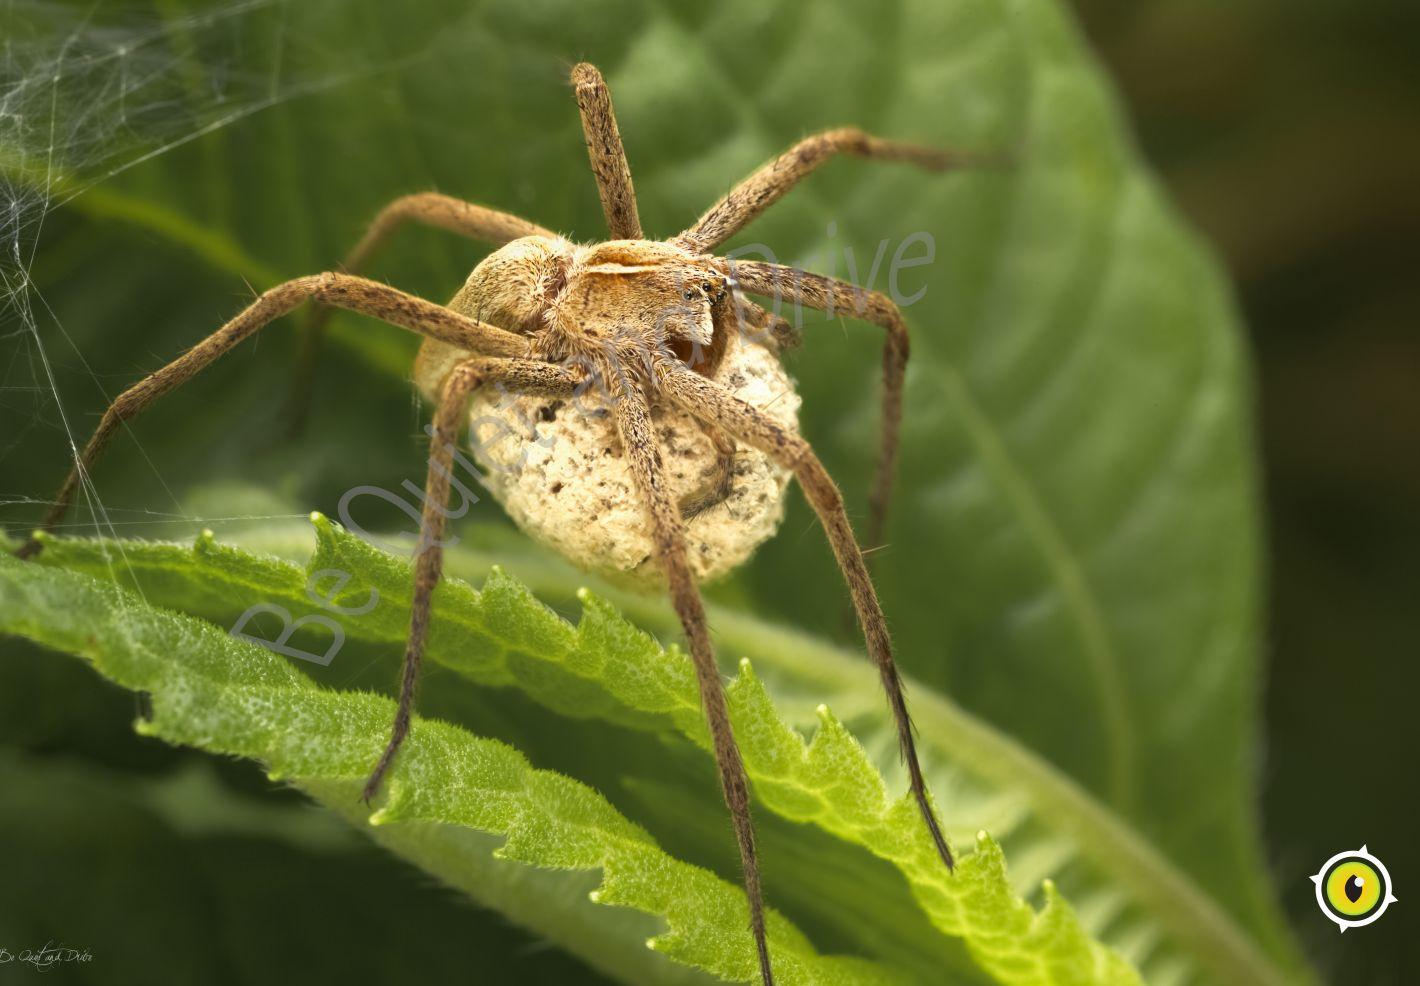 Une femelle d'araignée pisaure admirable protégeant ses oeufs